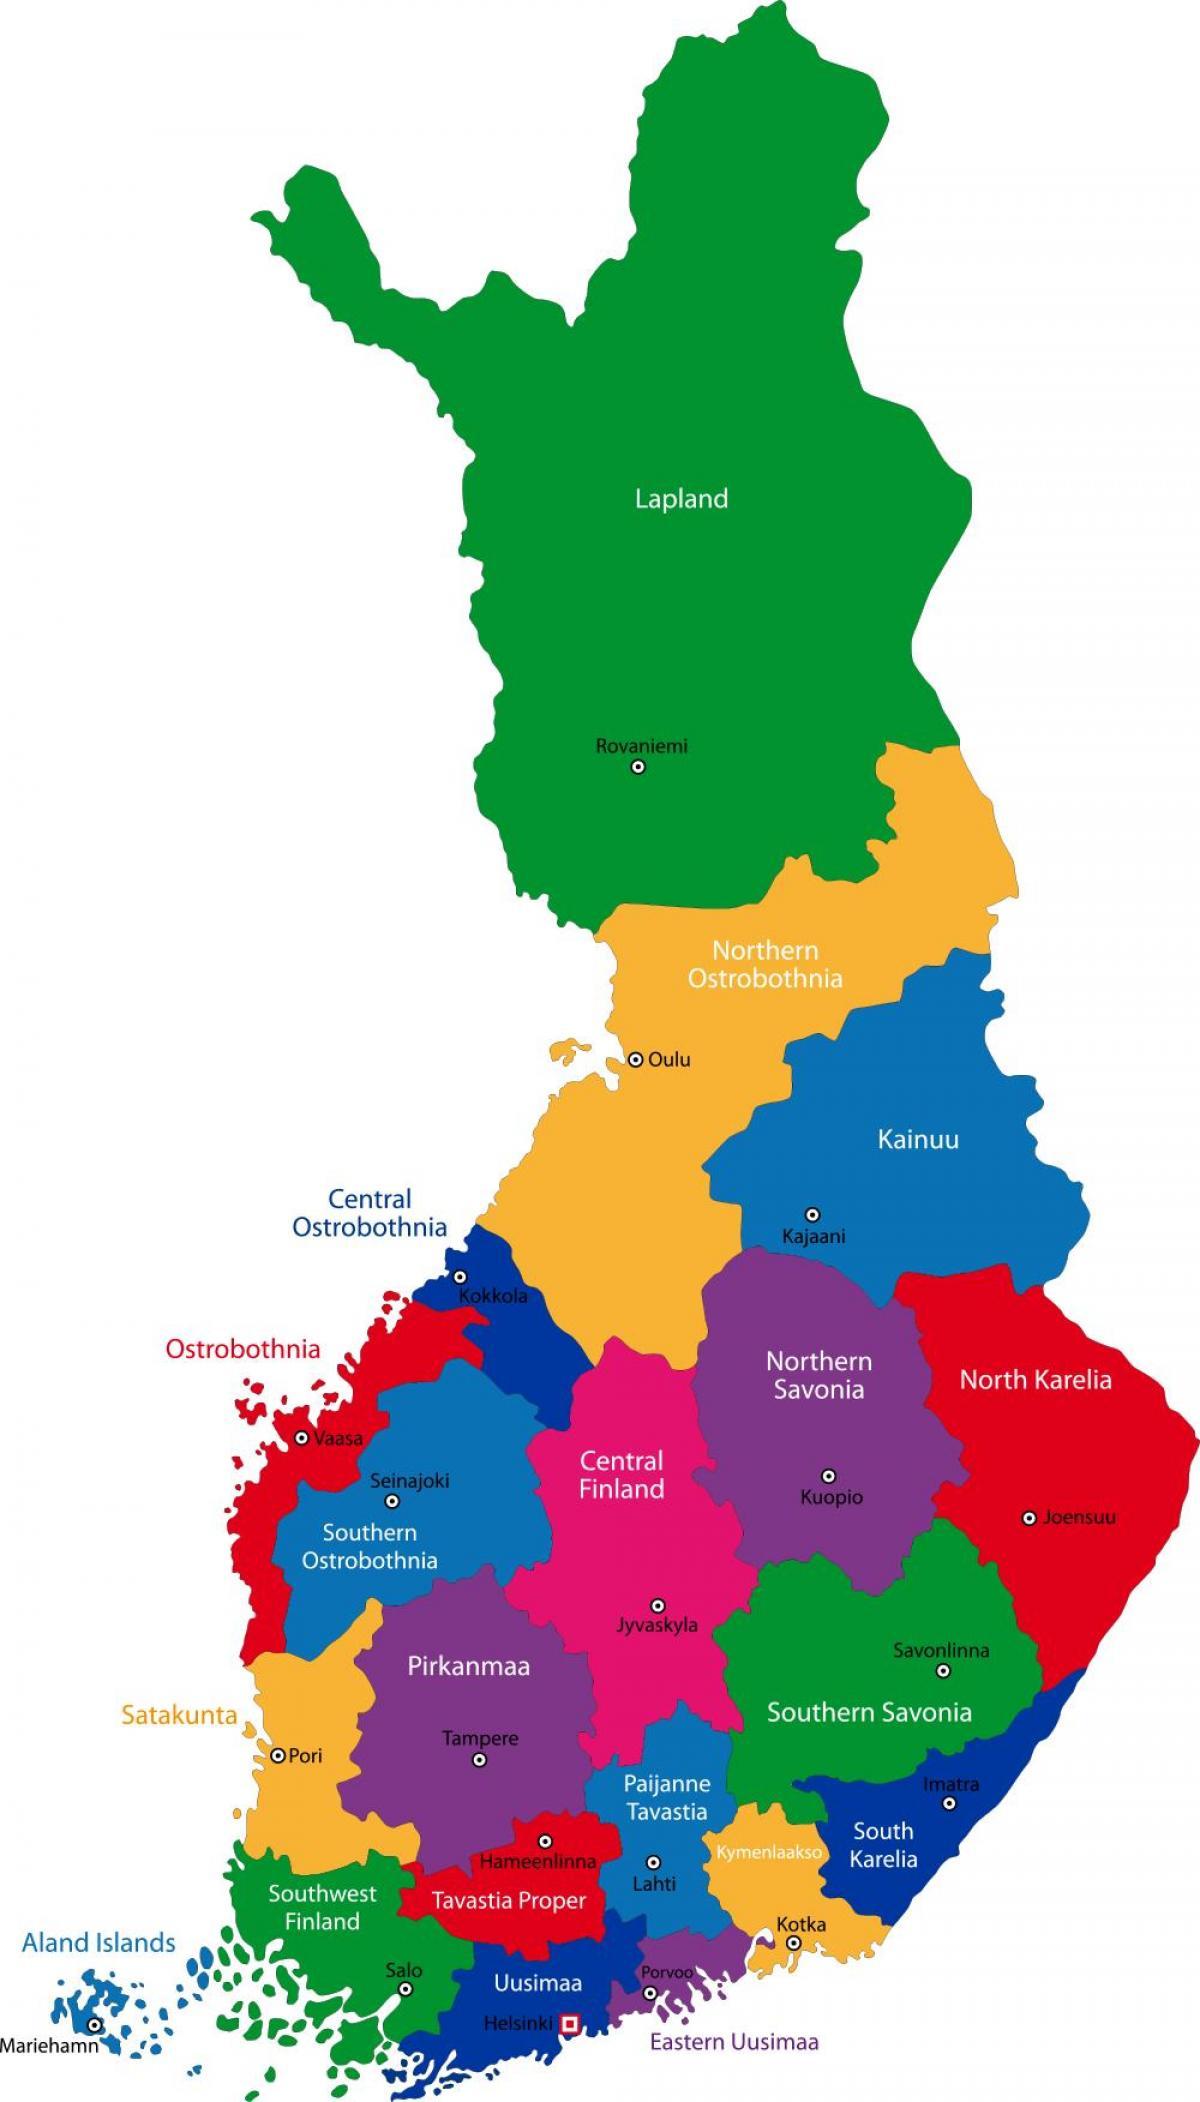 Suomen Alueiden Kartta Suomen Maakunnissa Kartta Pohjois